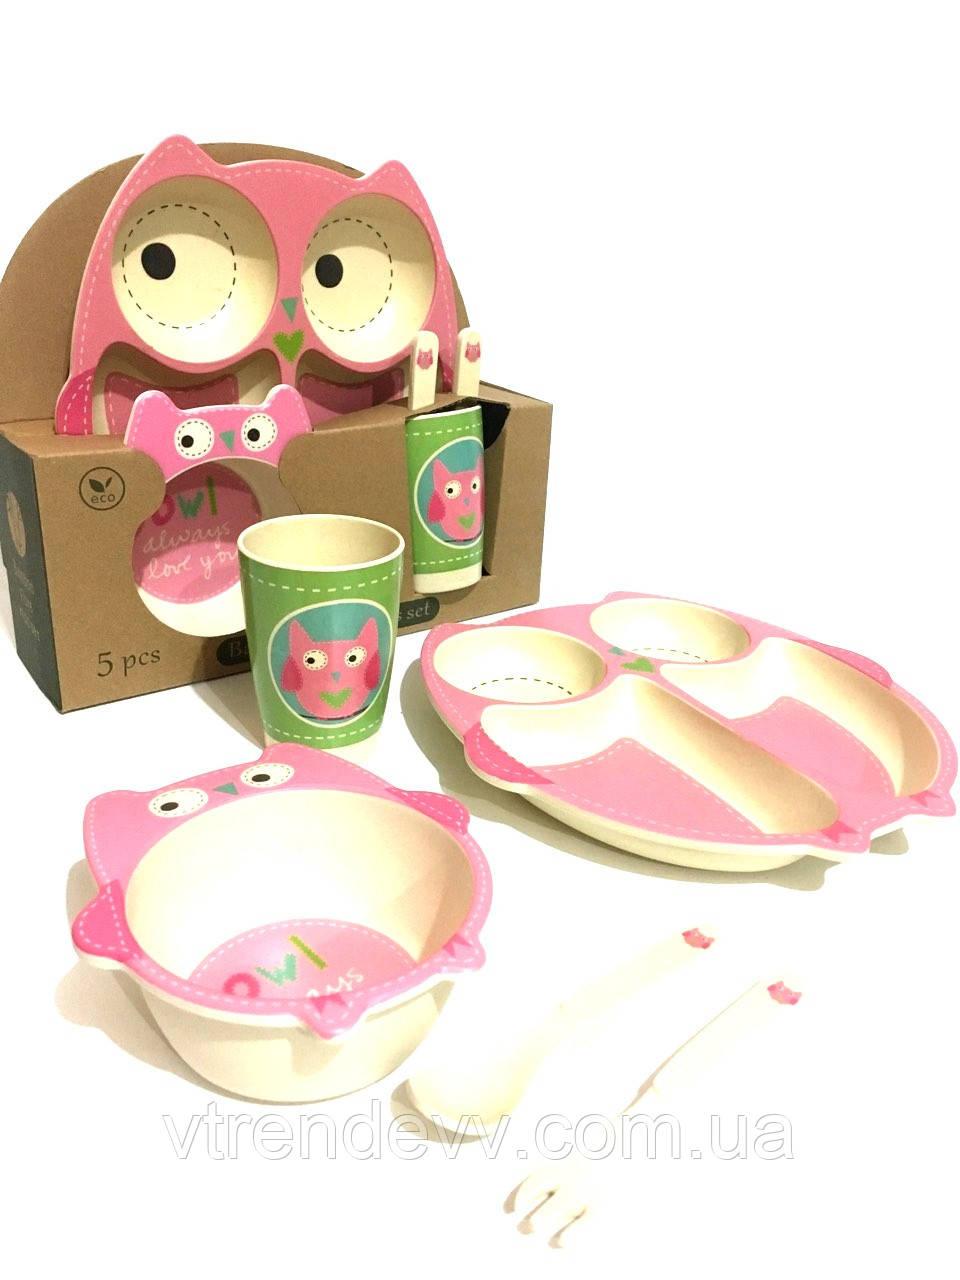 Набор детской посуды из бамбука Bamboo Fibre kids set Сова 5 в 1 002